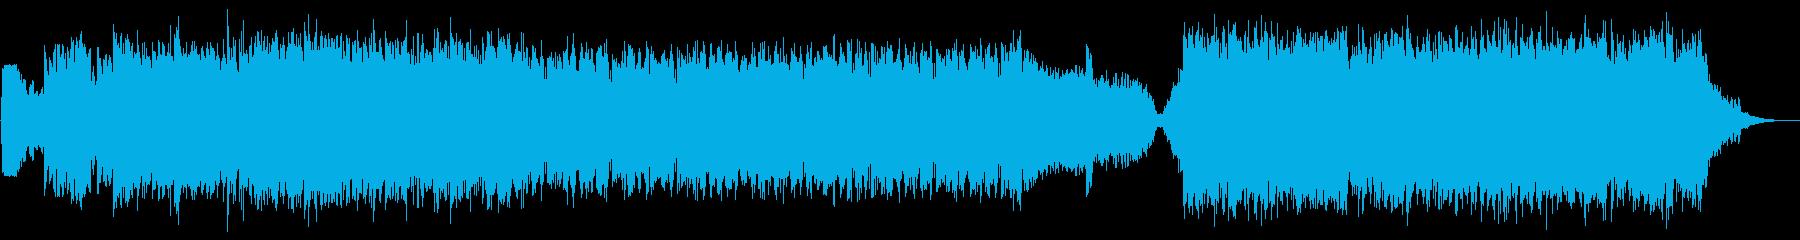 壮大でカッコいい和風戦闘曲【モンハン風】の再生済みの波形